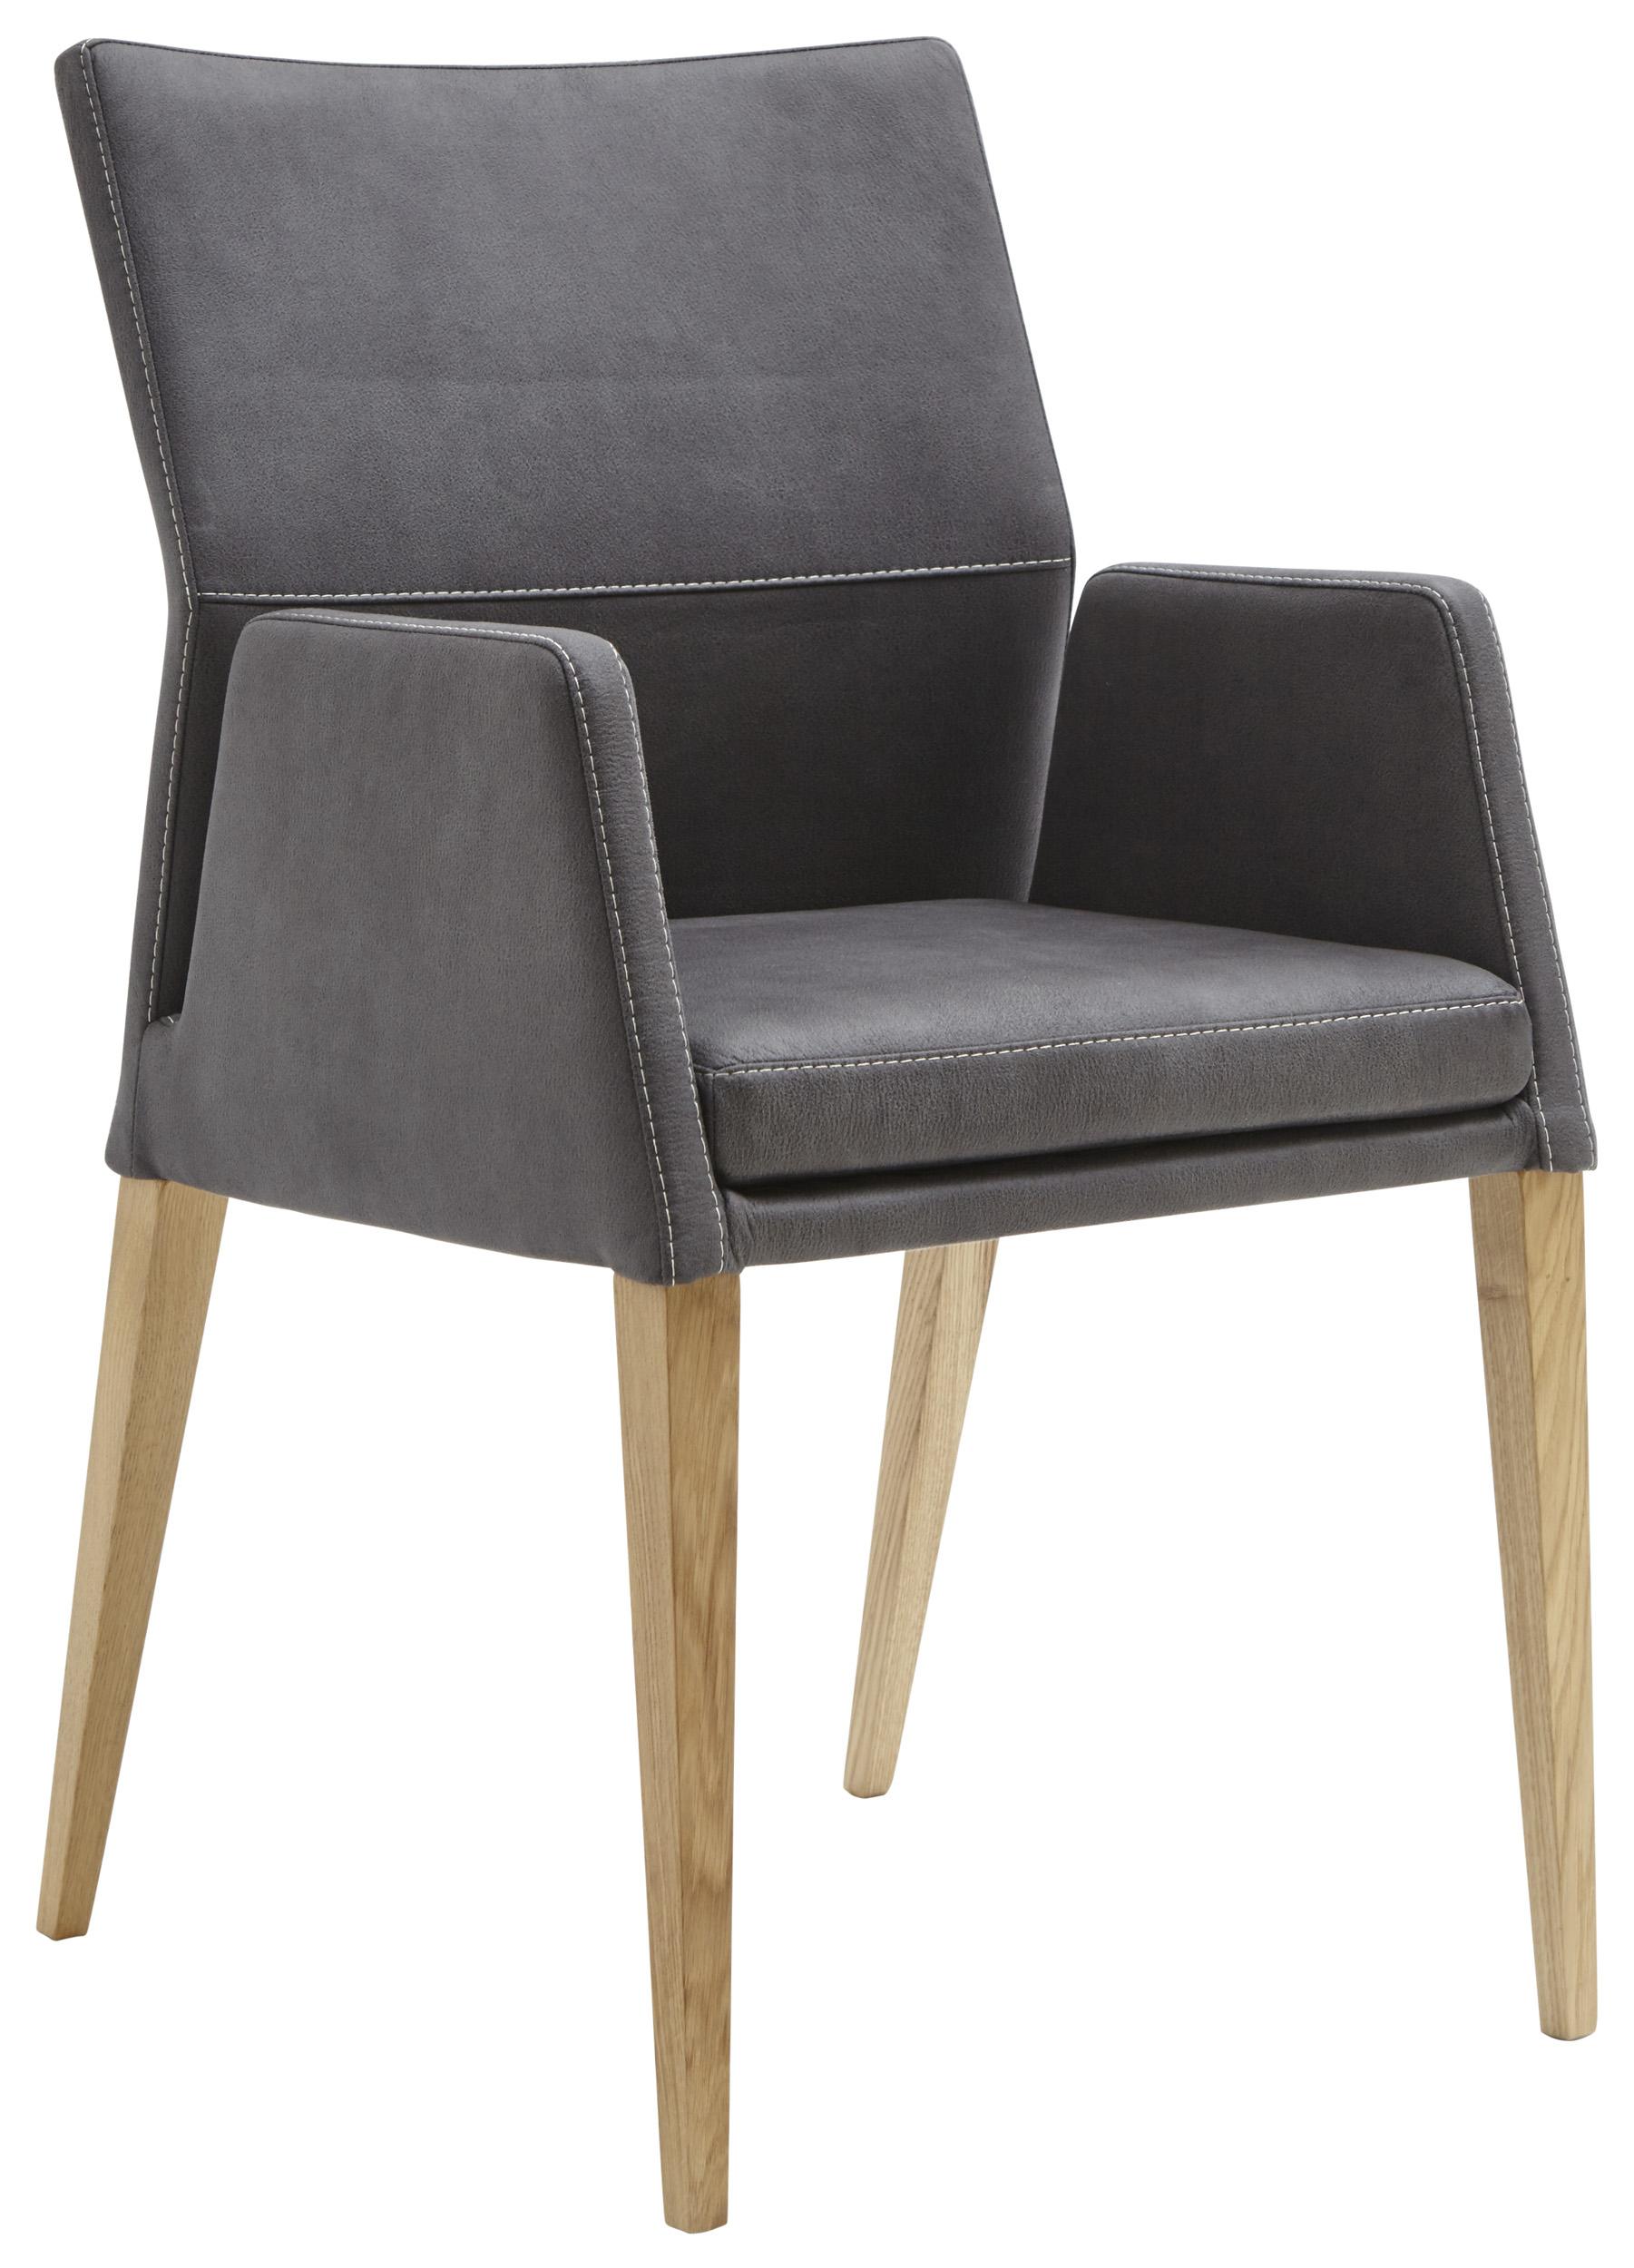 armlehnstuhl in anthrazit farbenem stoff natura carry m belhaus pohl wilhelmshaven. Black Bedroom Furniture Sets. Home Design Ideas